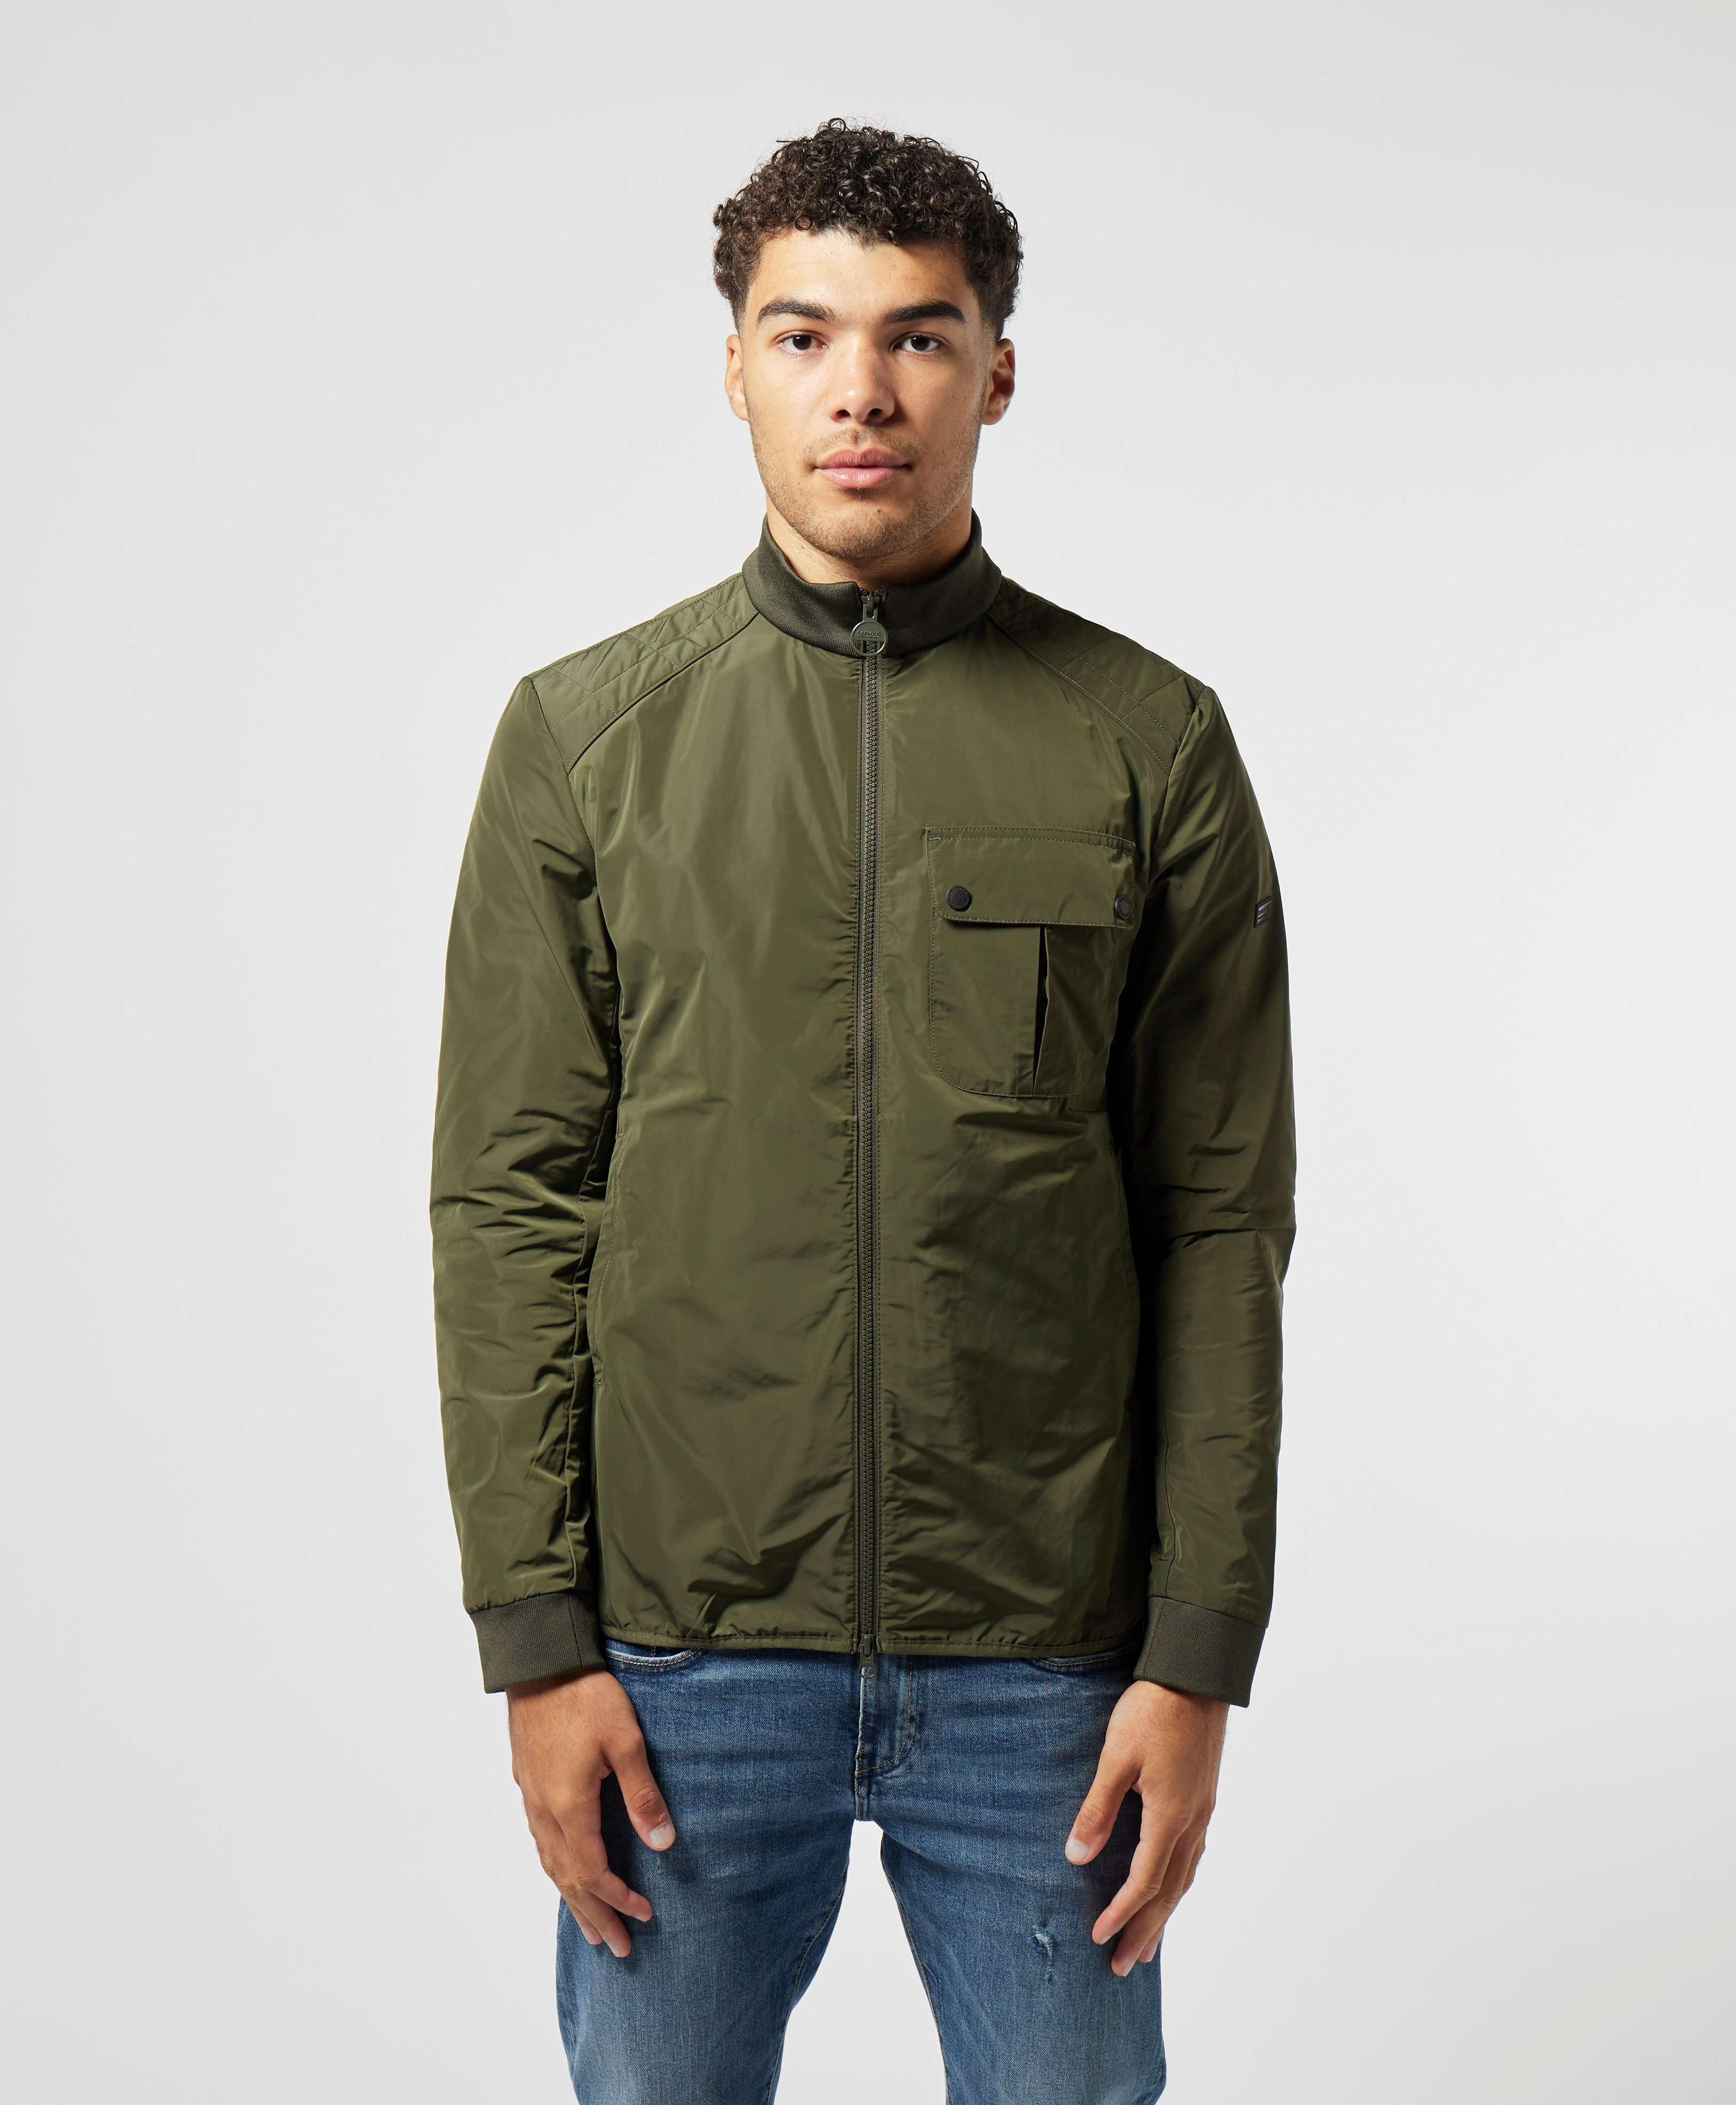 Barbour International Lightweight Marsden Jacket - Exclusive